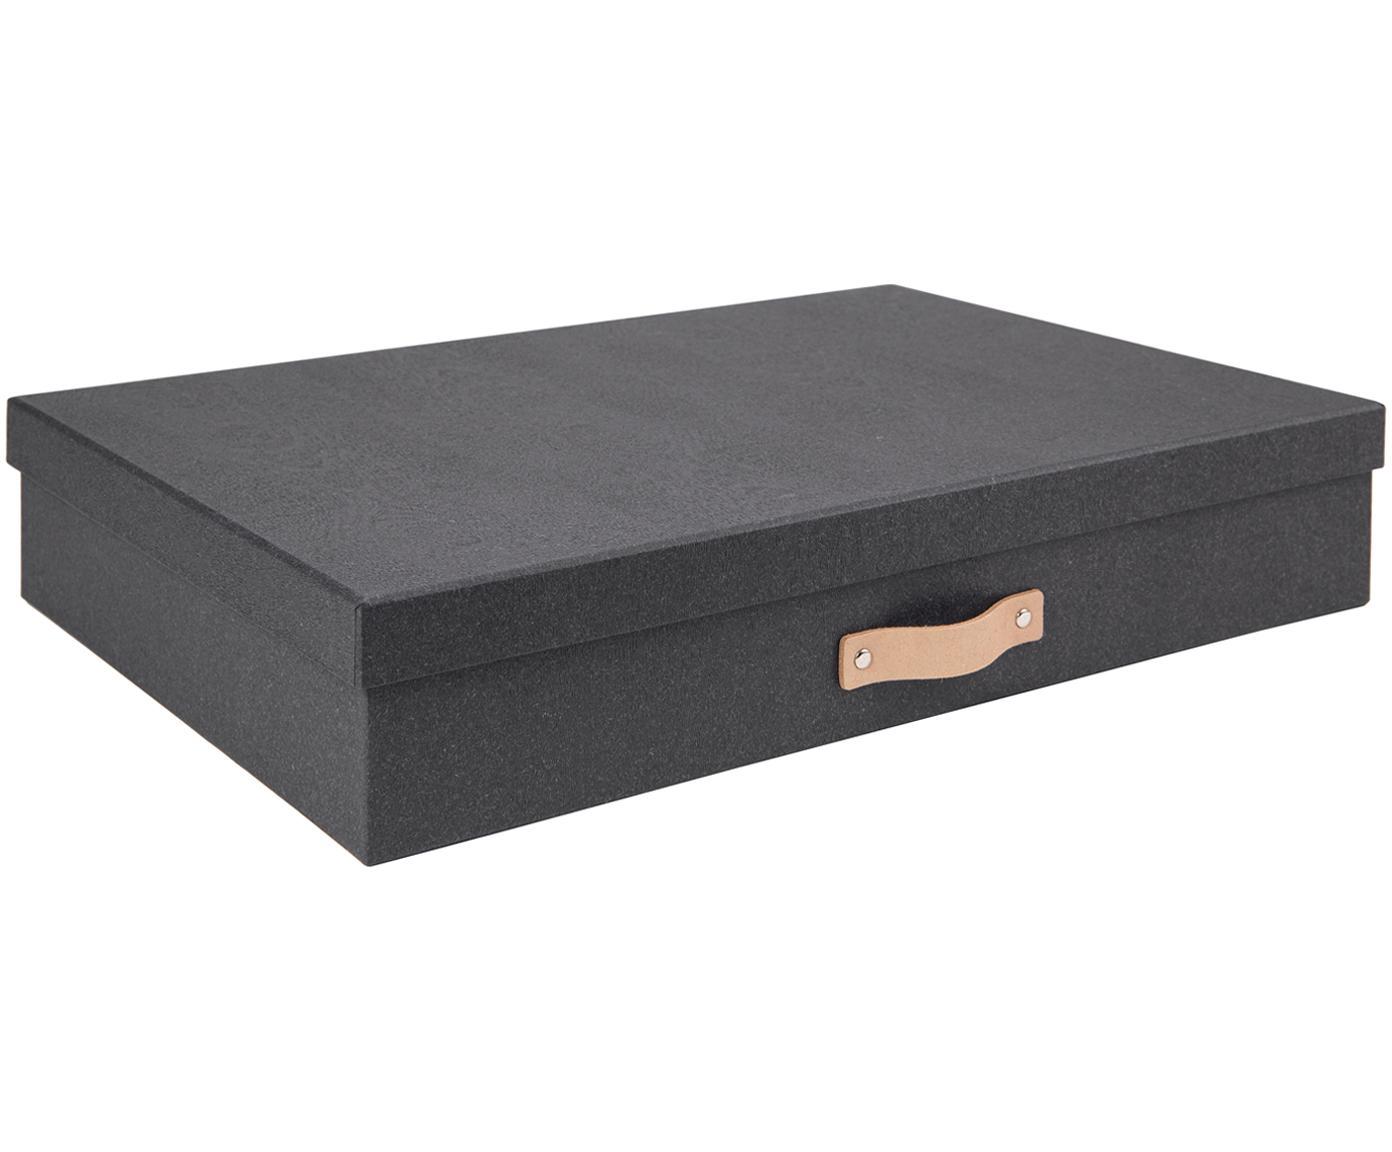 Aufbewahrungsbox Sverker II, Box: Fester Karton, mit Holzde, Griff: Leder, Organizer aussen: SchwarzOrganizer innen: SchwarzGriff: Beige, 44 x 9 cm